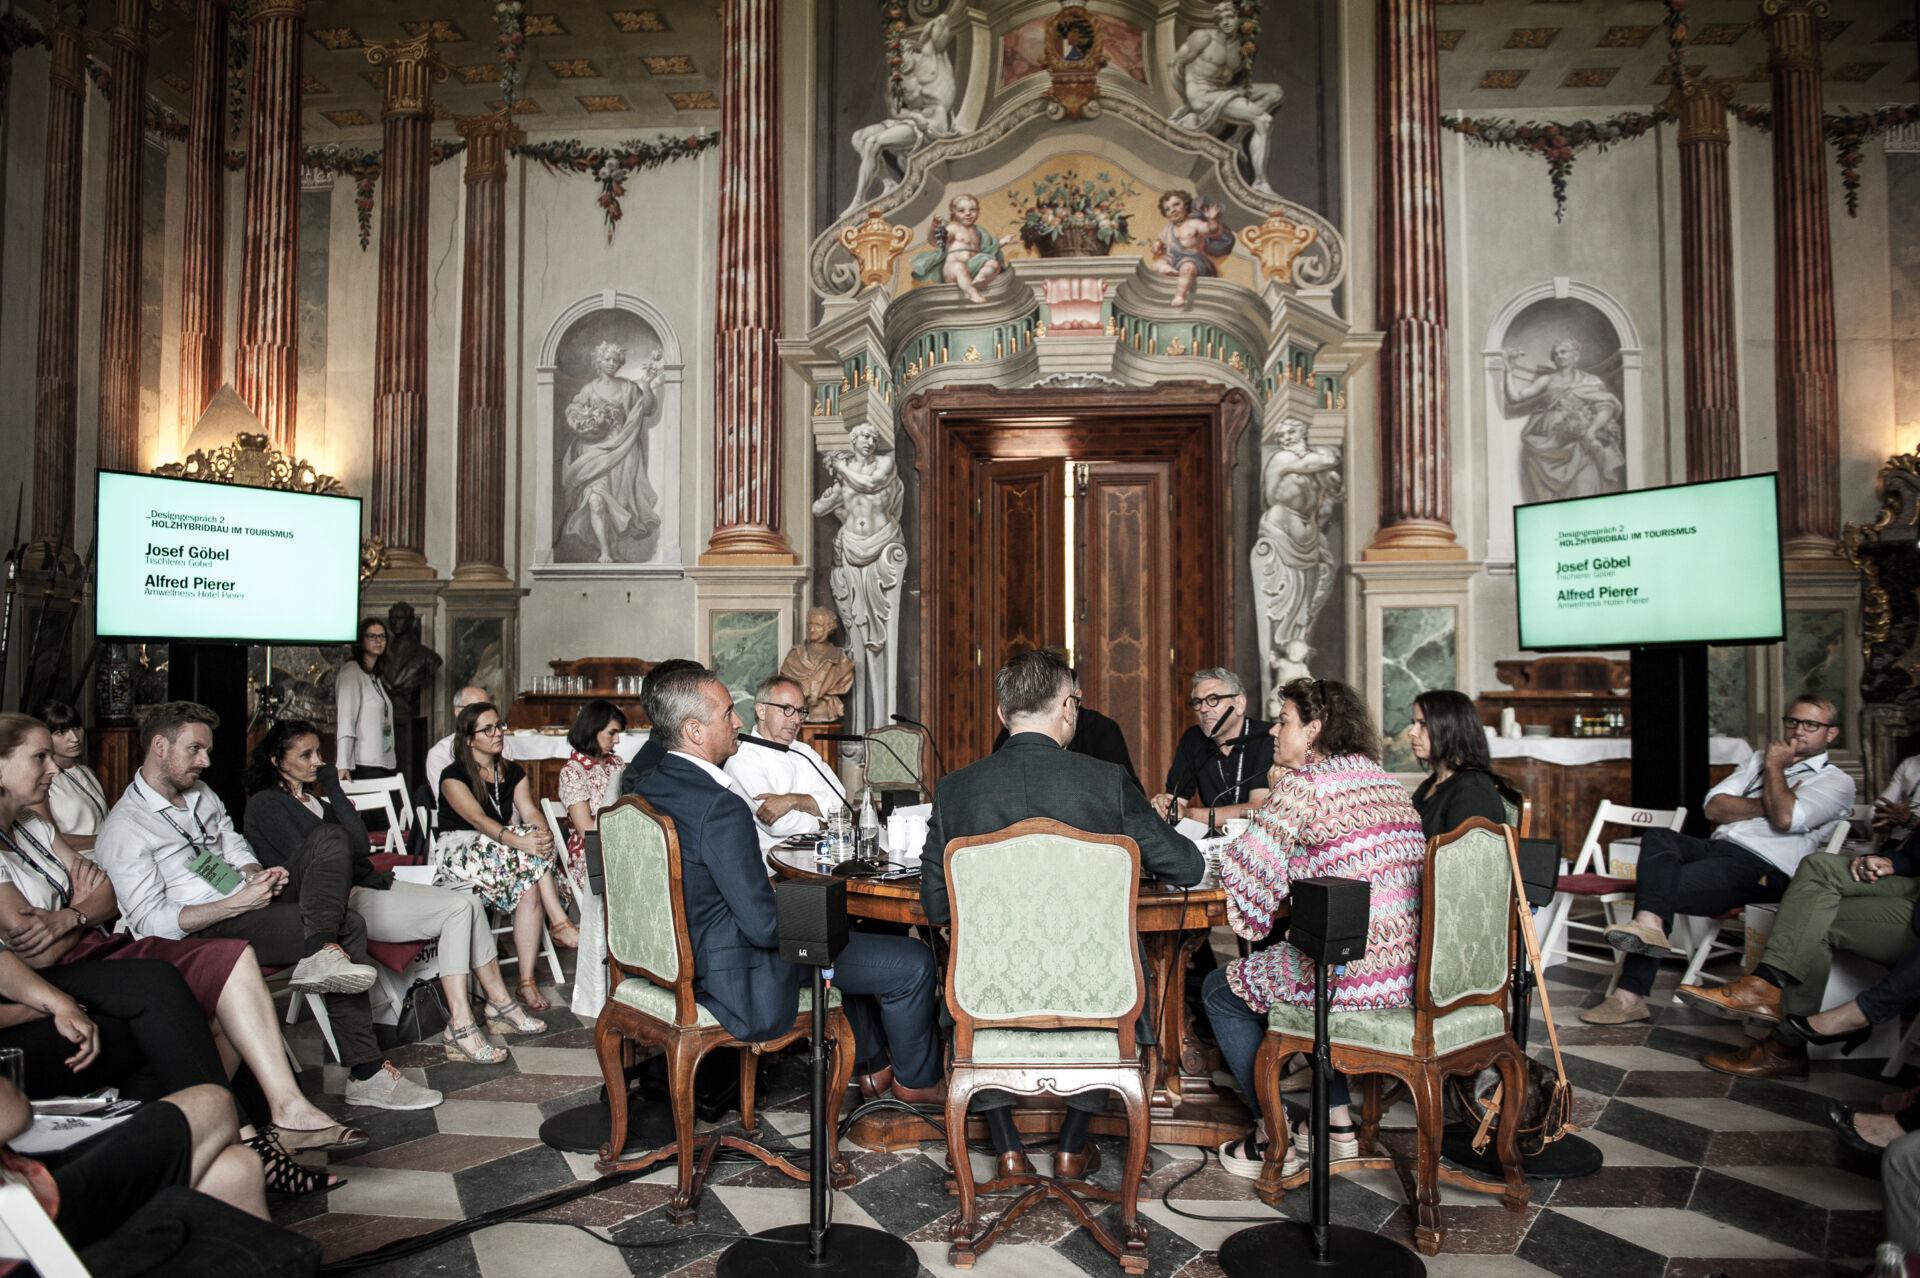 Josef Göbel und Alfref Pierer mit Publikum im wunderschönen Schloss Hollenegg